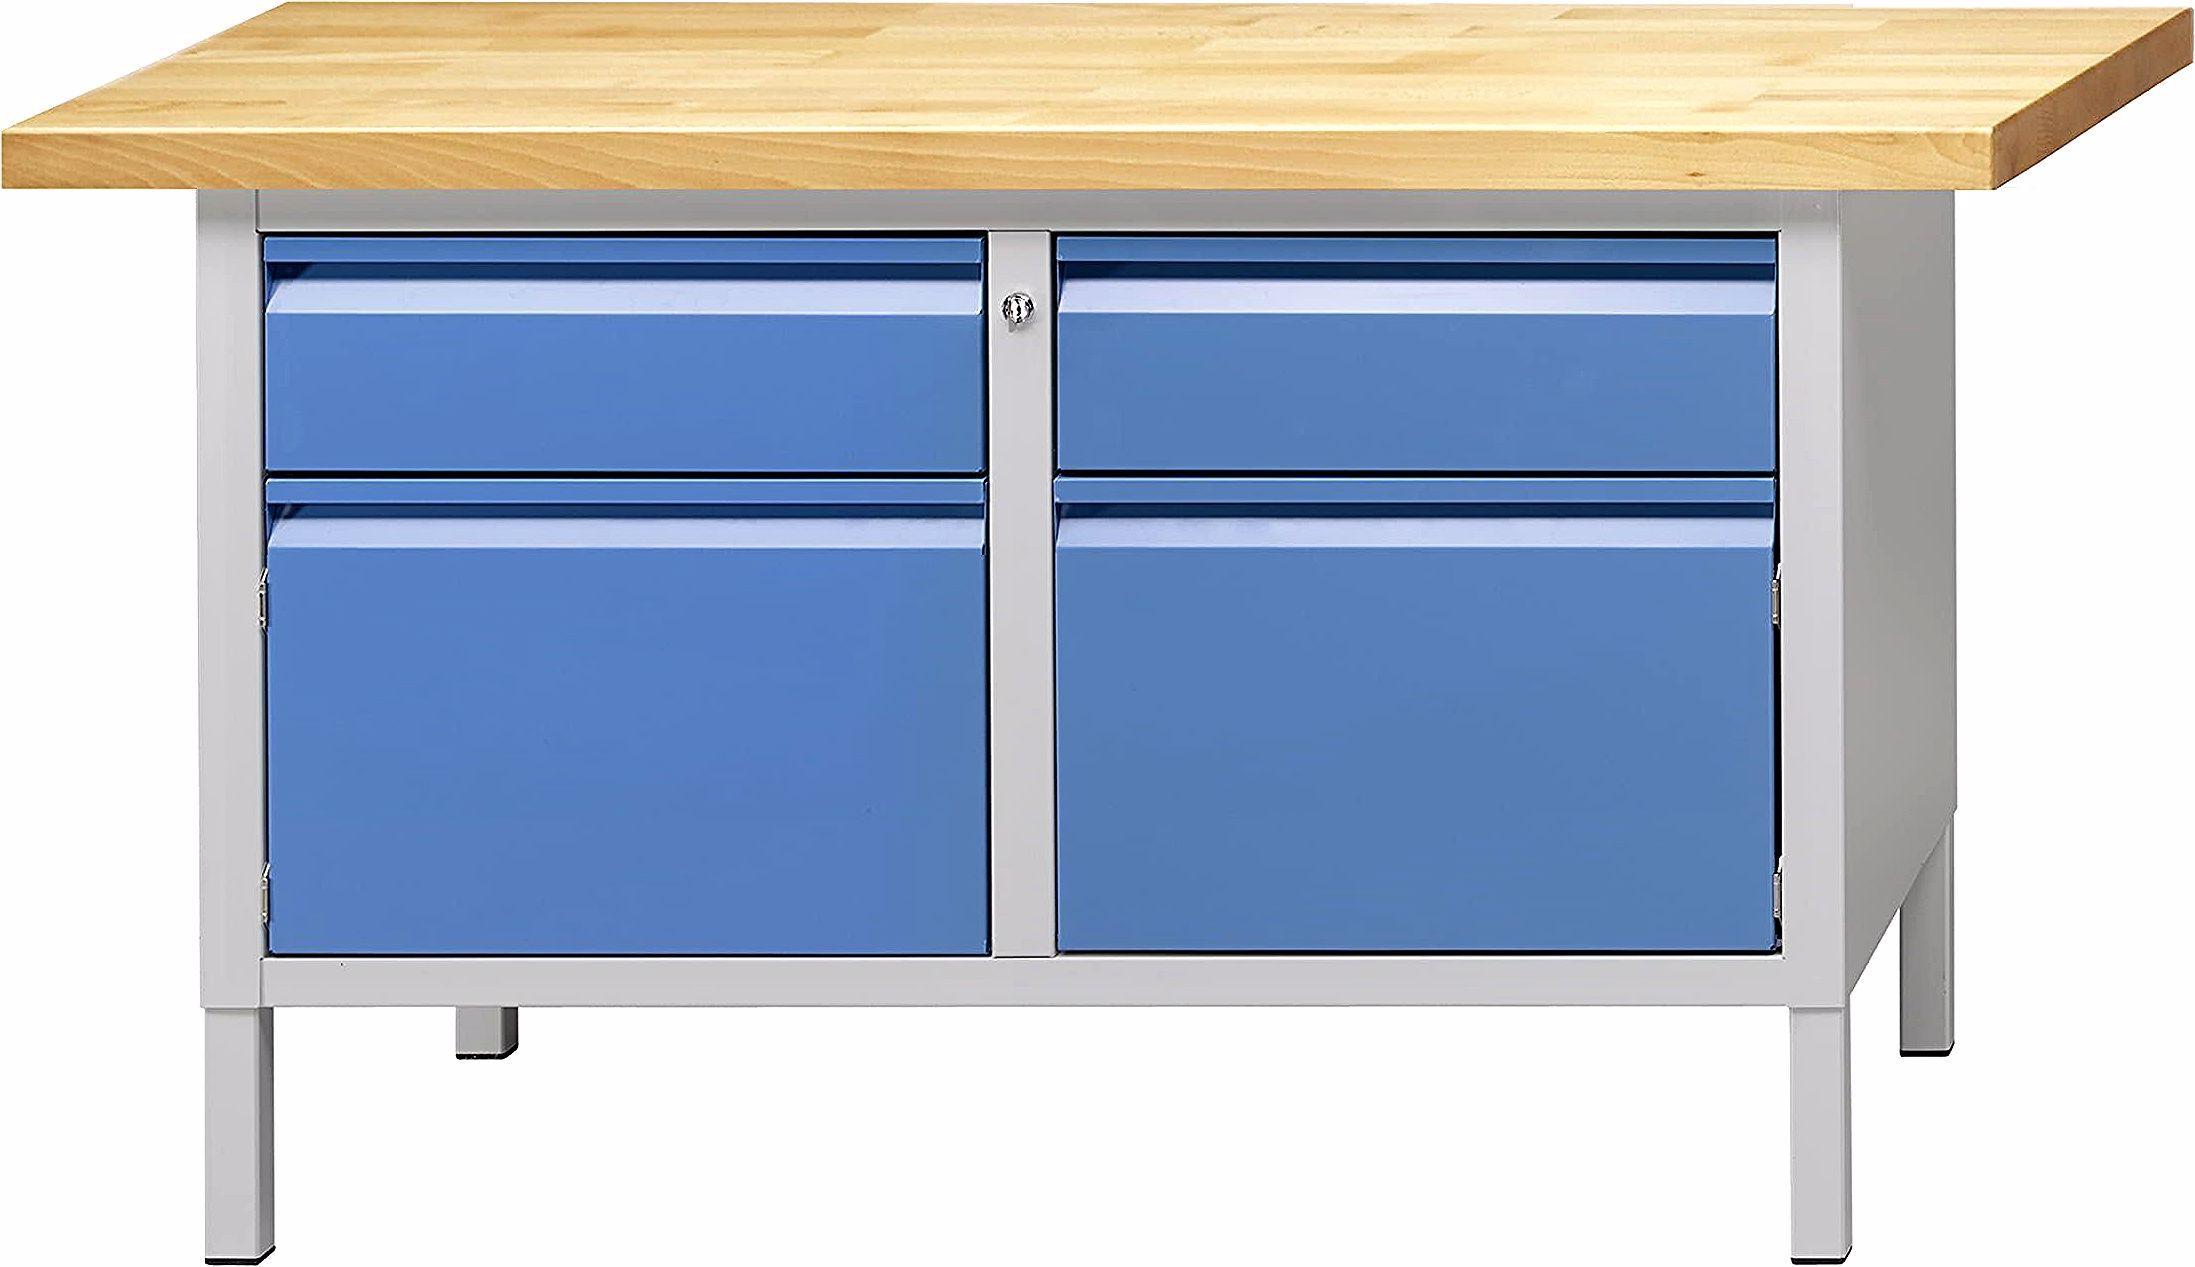 Etabli Professionnel De Marque Anke Avec Deux Compartiments Similaires Avec Un Tiroir Et Un Placard En Dessous En Couleur Bleue C In 2020 Furniture Home Decor Decor